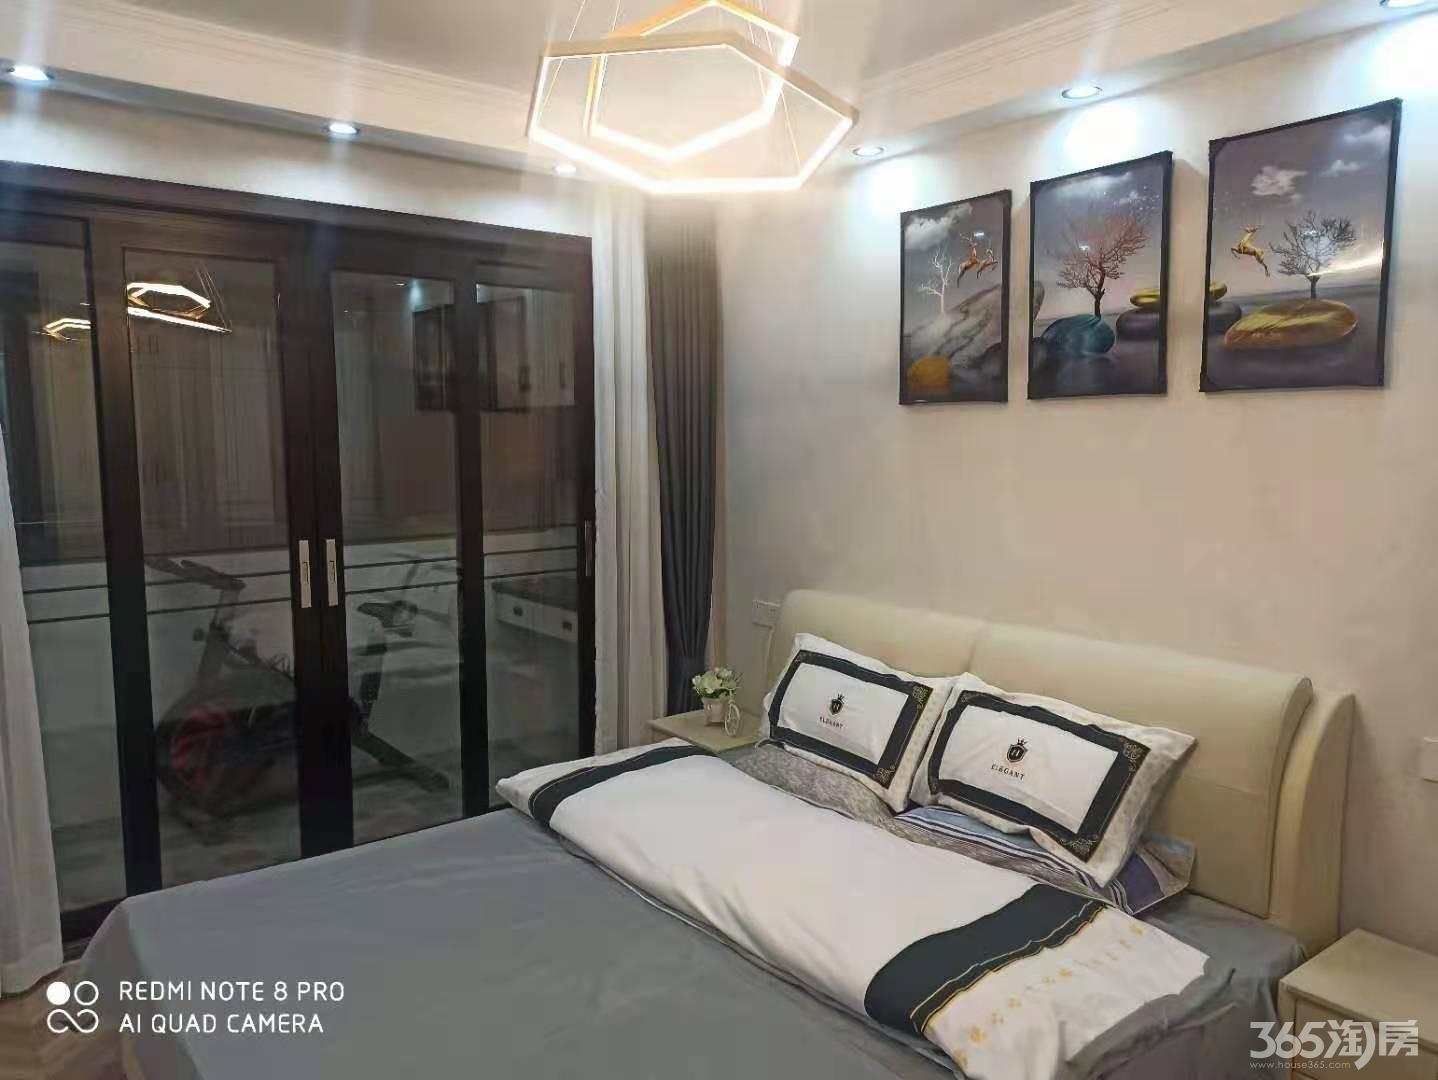 海福巷26号2室2厅1卫179万元61.85平方